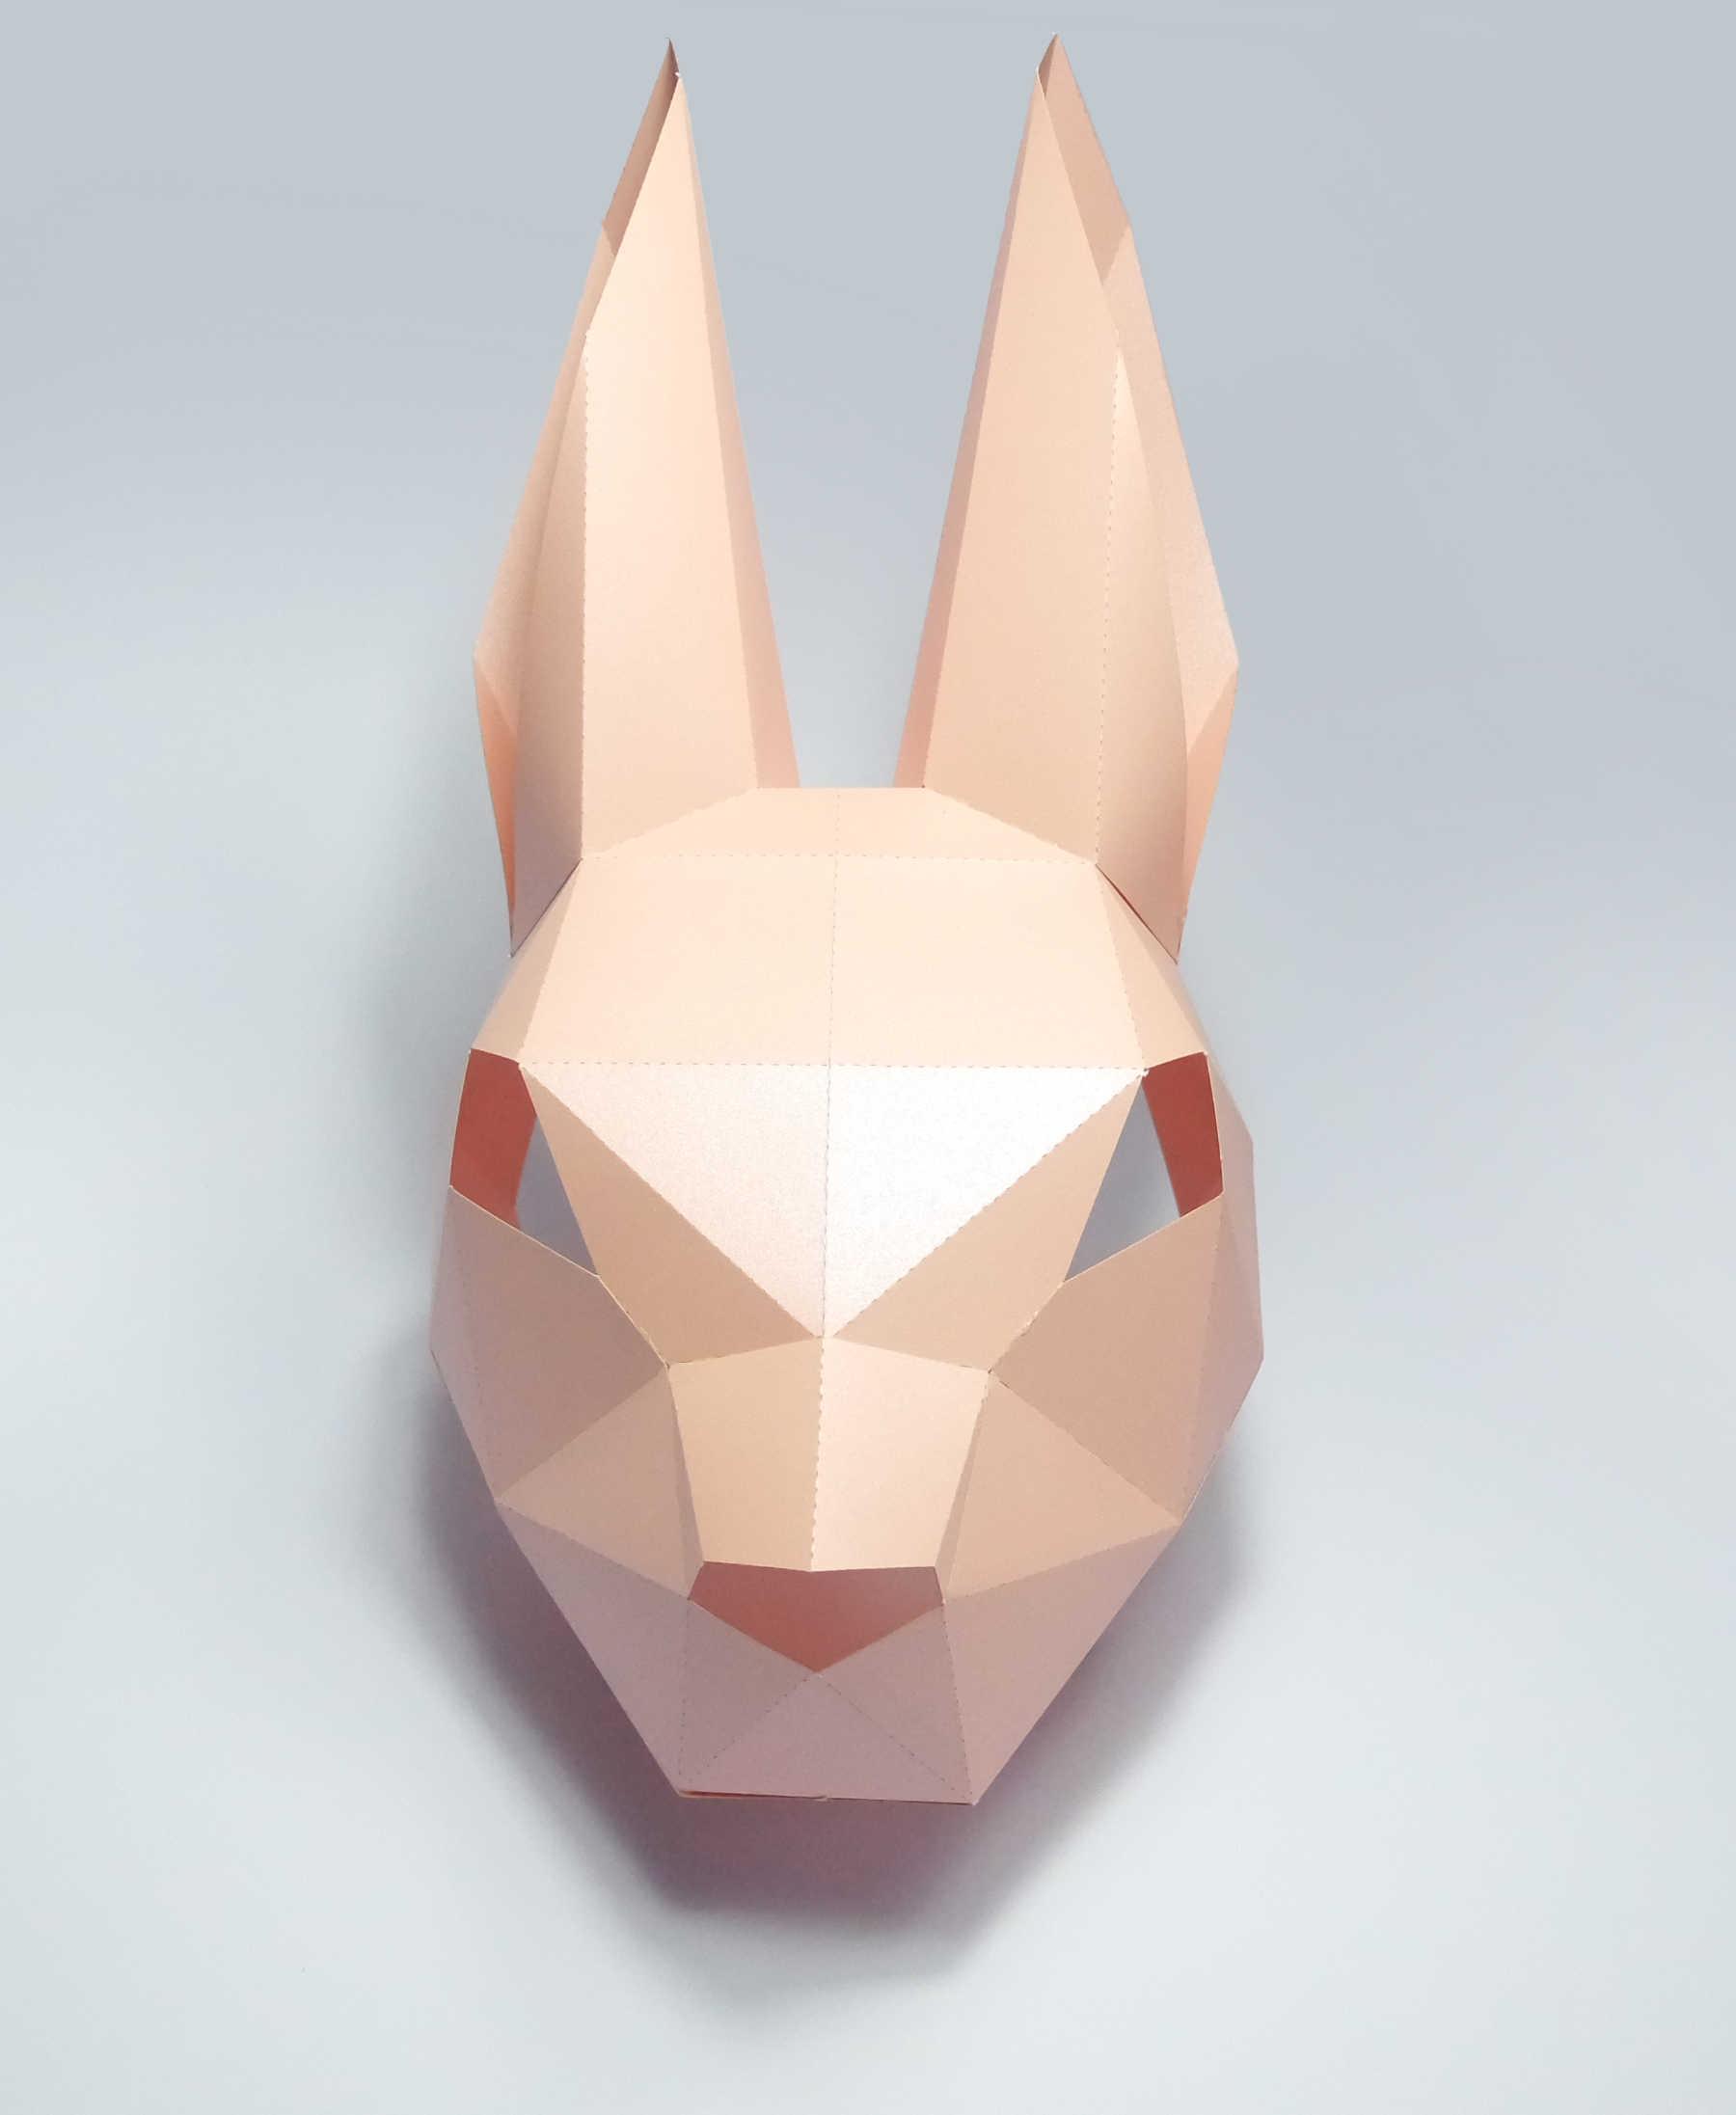 ثلاثية الأبعاد قناع ورقي موضة الأرنب الأرنب الحيوان حلي تأثيري DIY بها بنفسك ورقة كرافت نموذج قناع عيد الميلاد هالوين حفلة موسيقية هدية